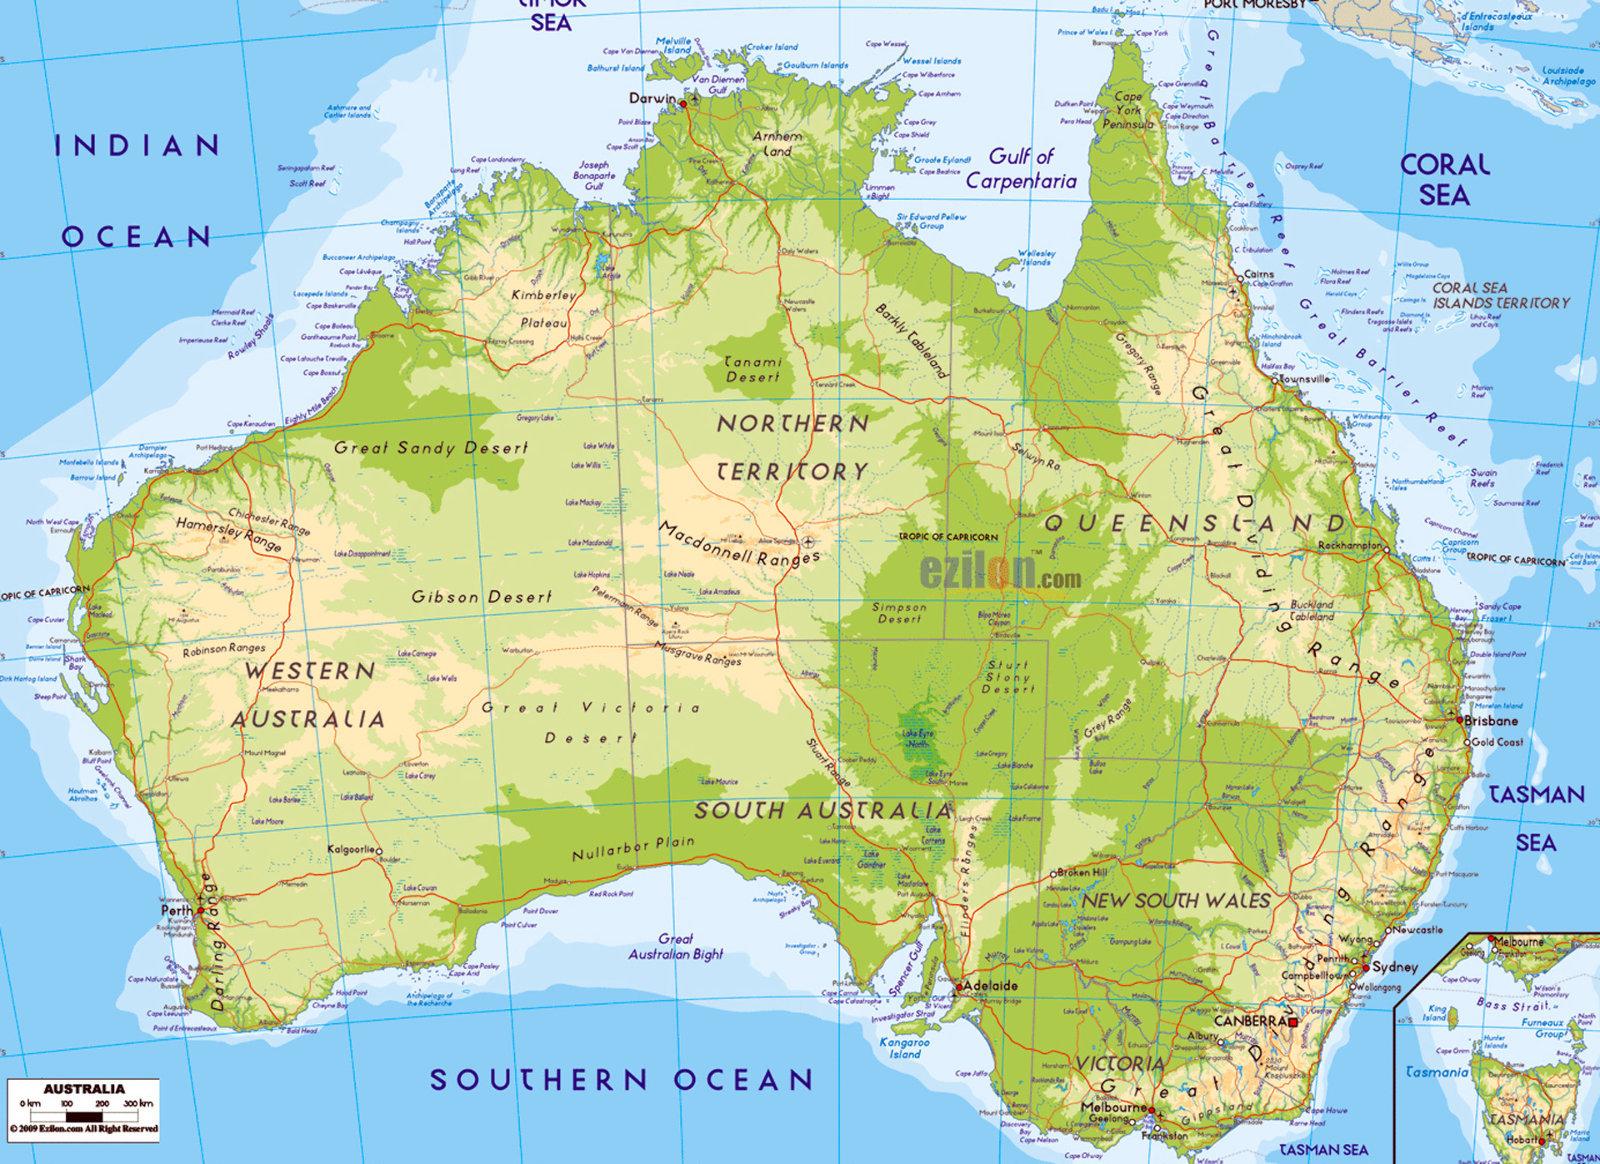 Девушка что характерно для рельефа австралии буккаке ком смотреть